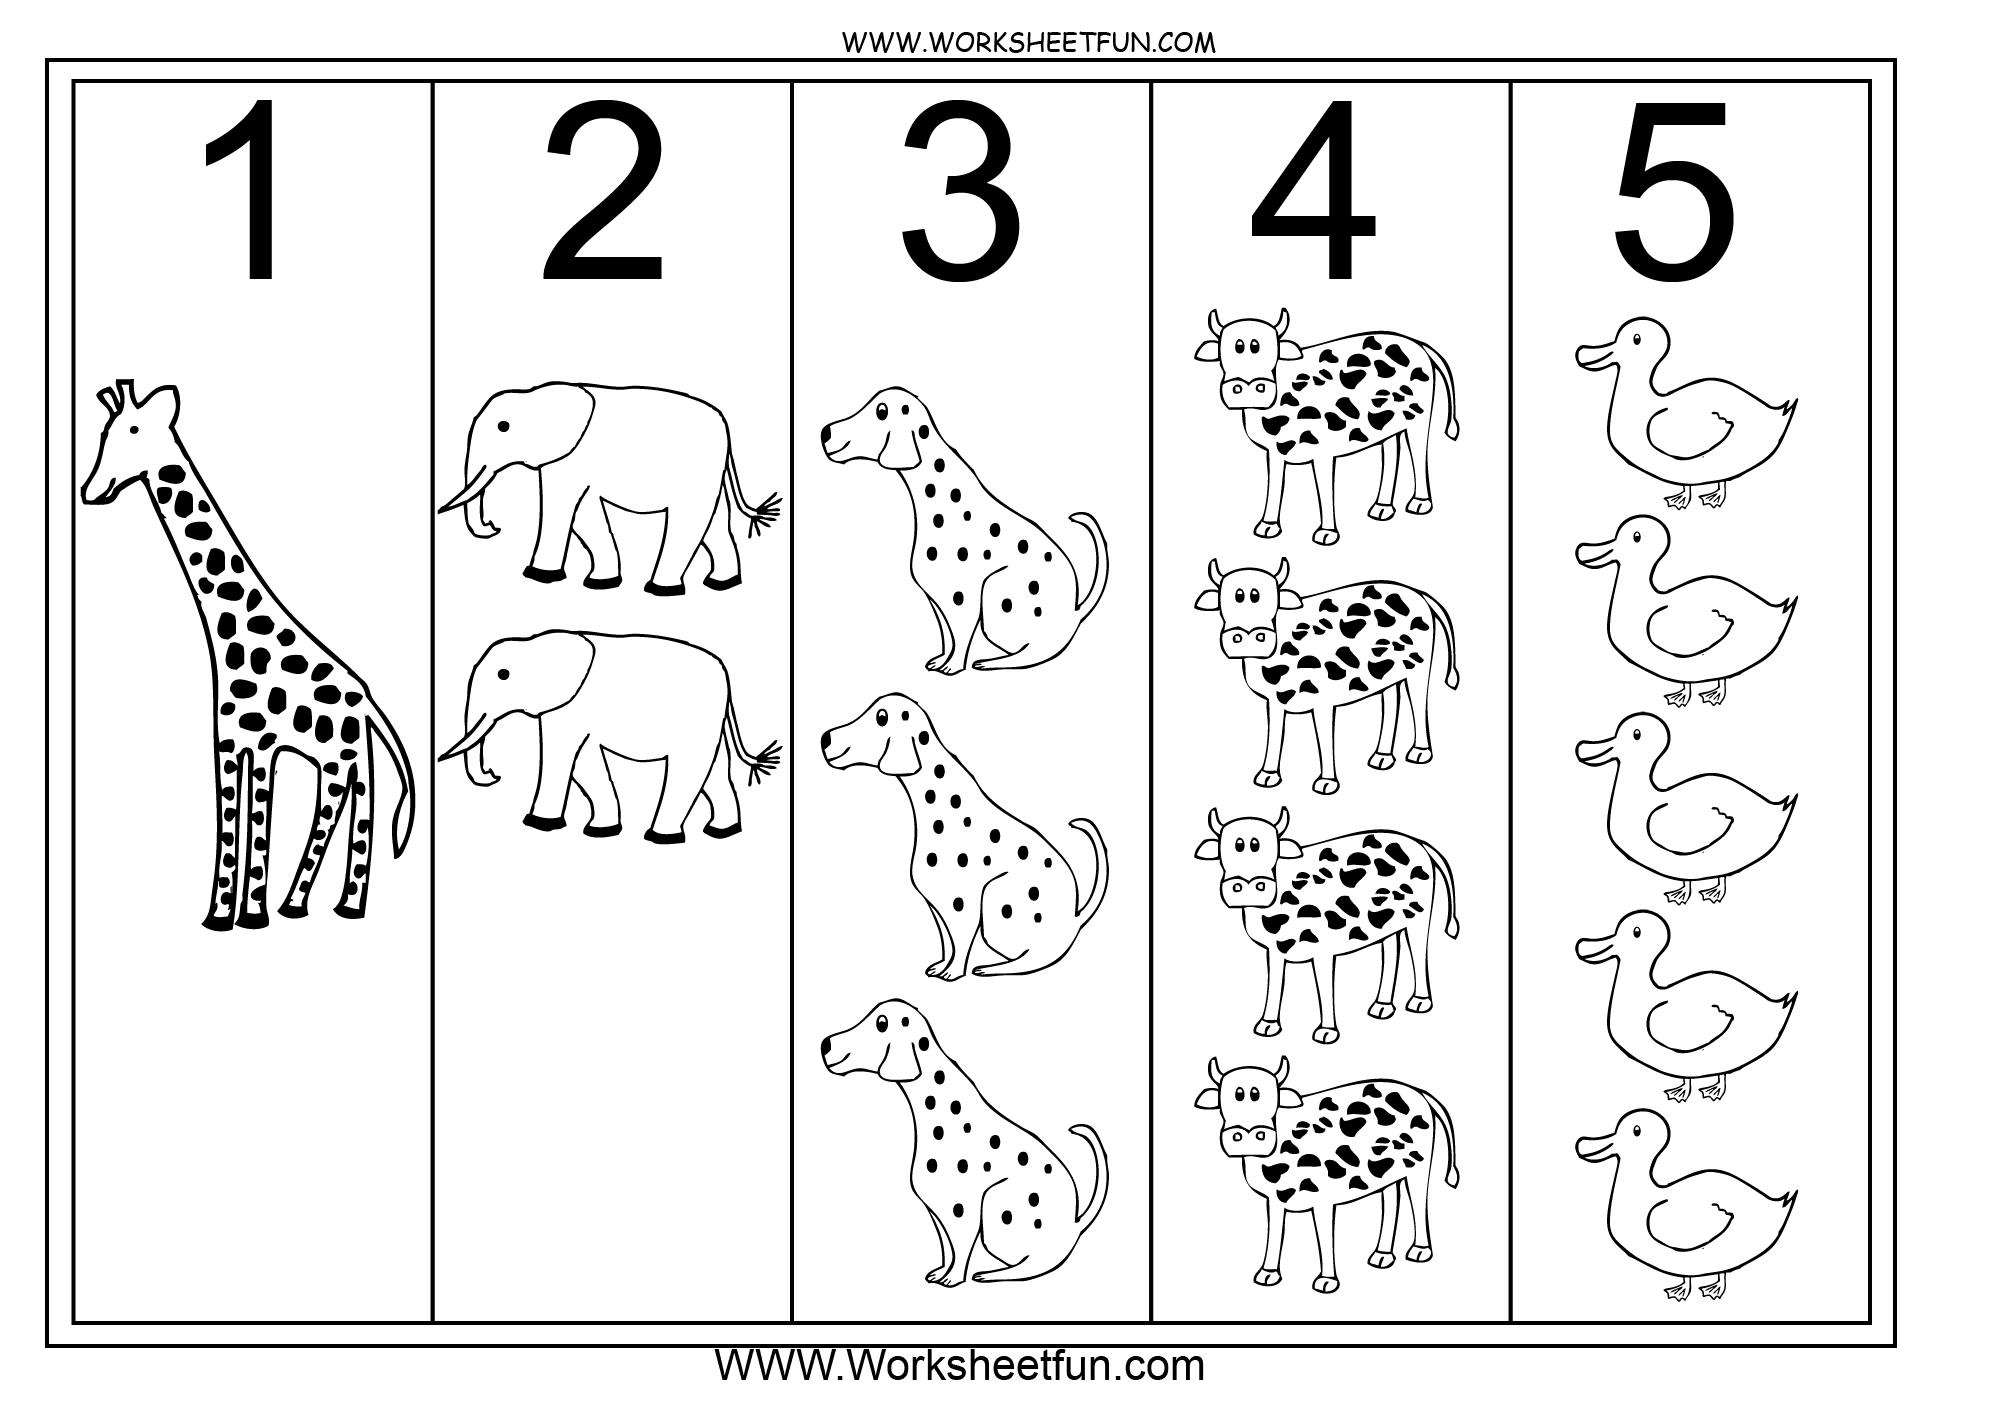 5 Images of Large Numbers Free Printable Preschool Worksheets